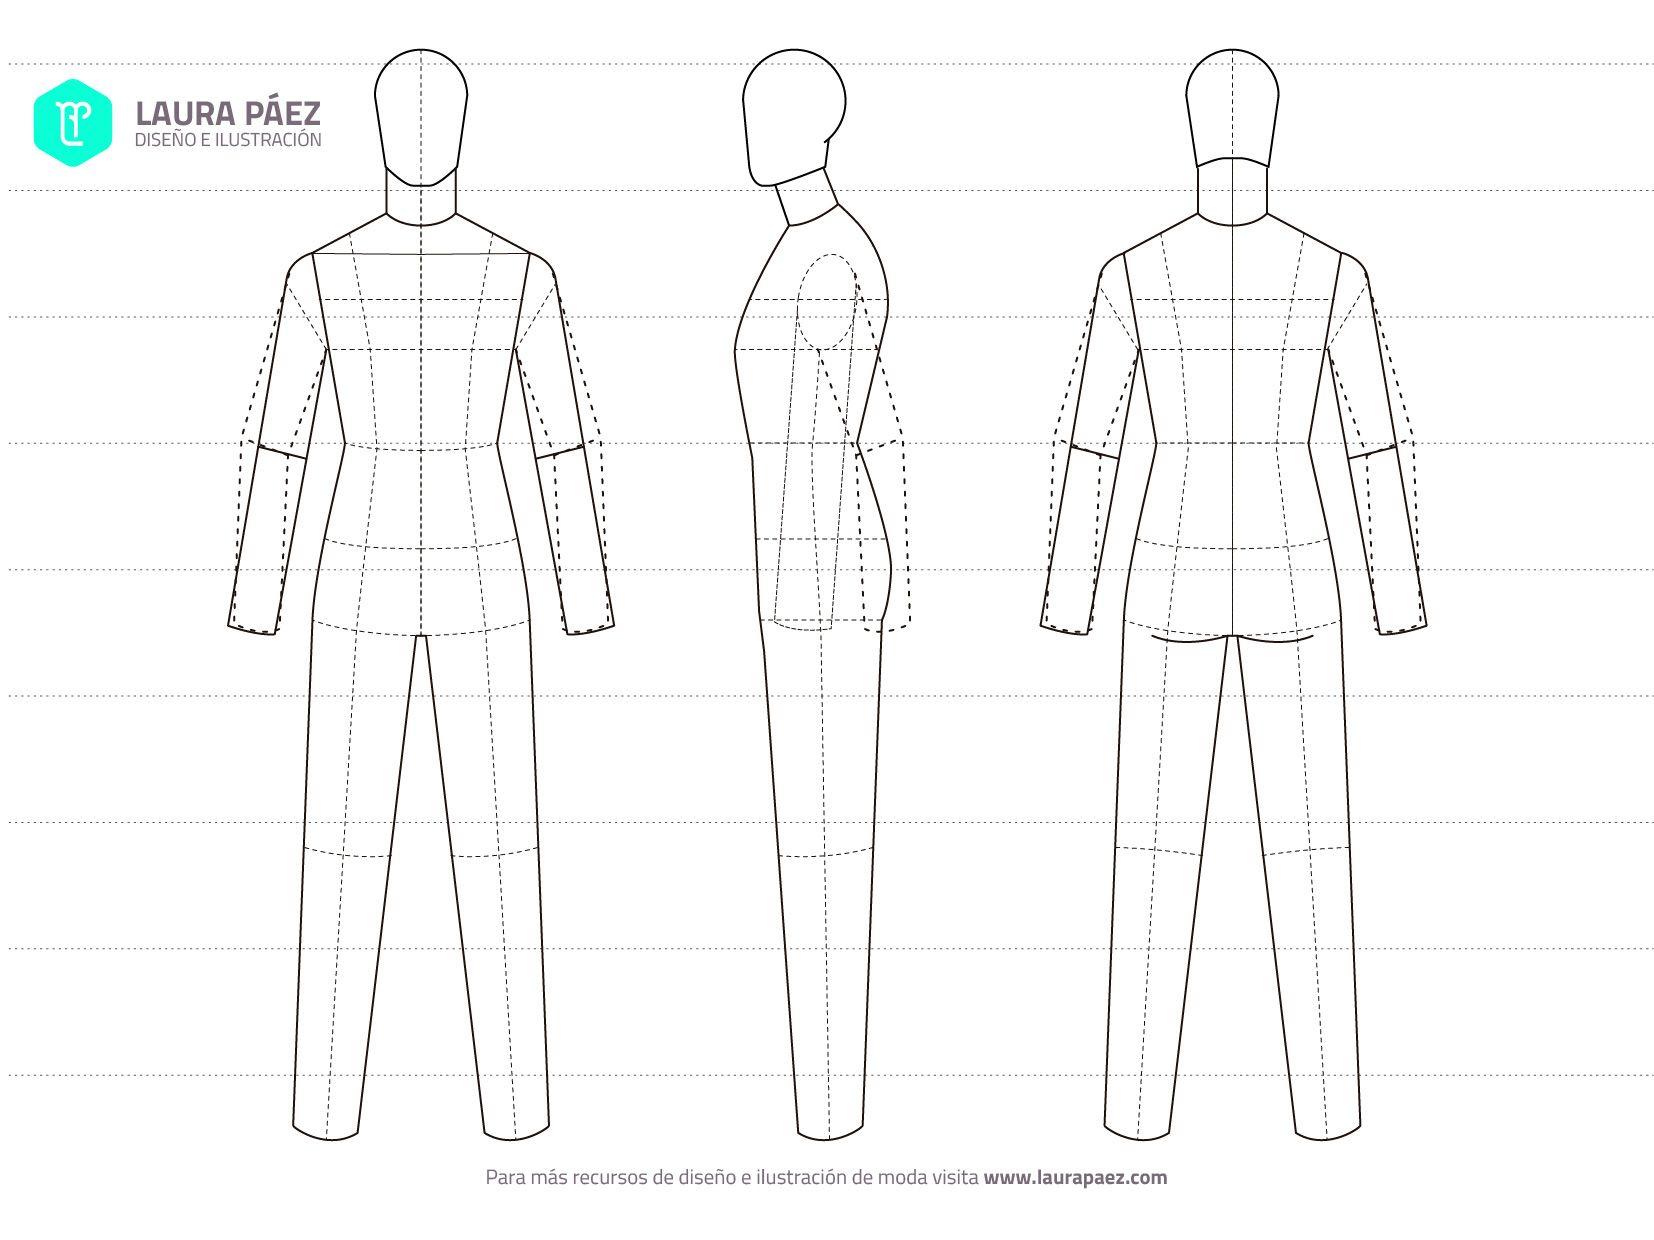 Maniqui Mas Diseno Plano Jpg 1654 1240 Figurines De Moda Dibujos De Moda Laura Paez